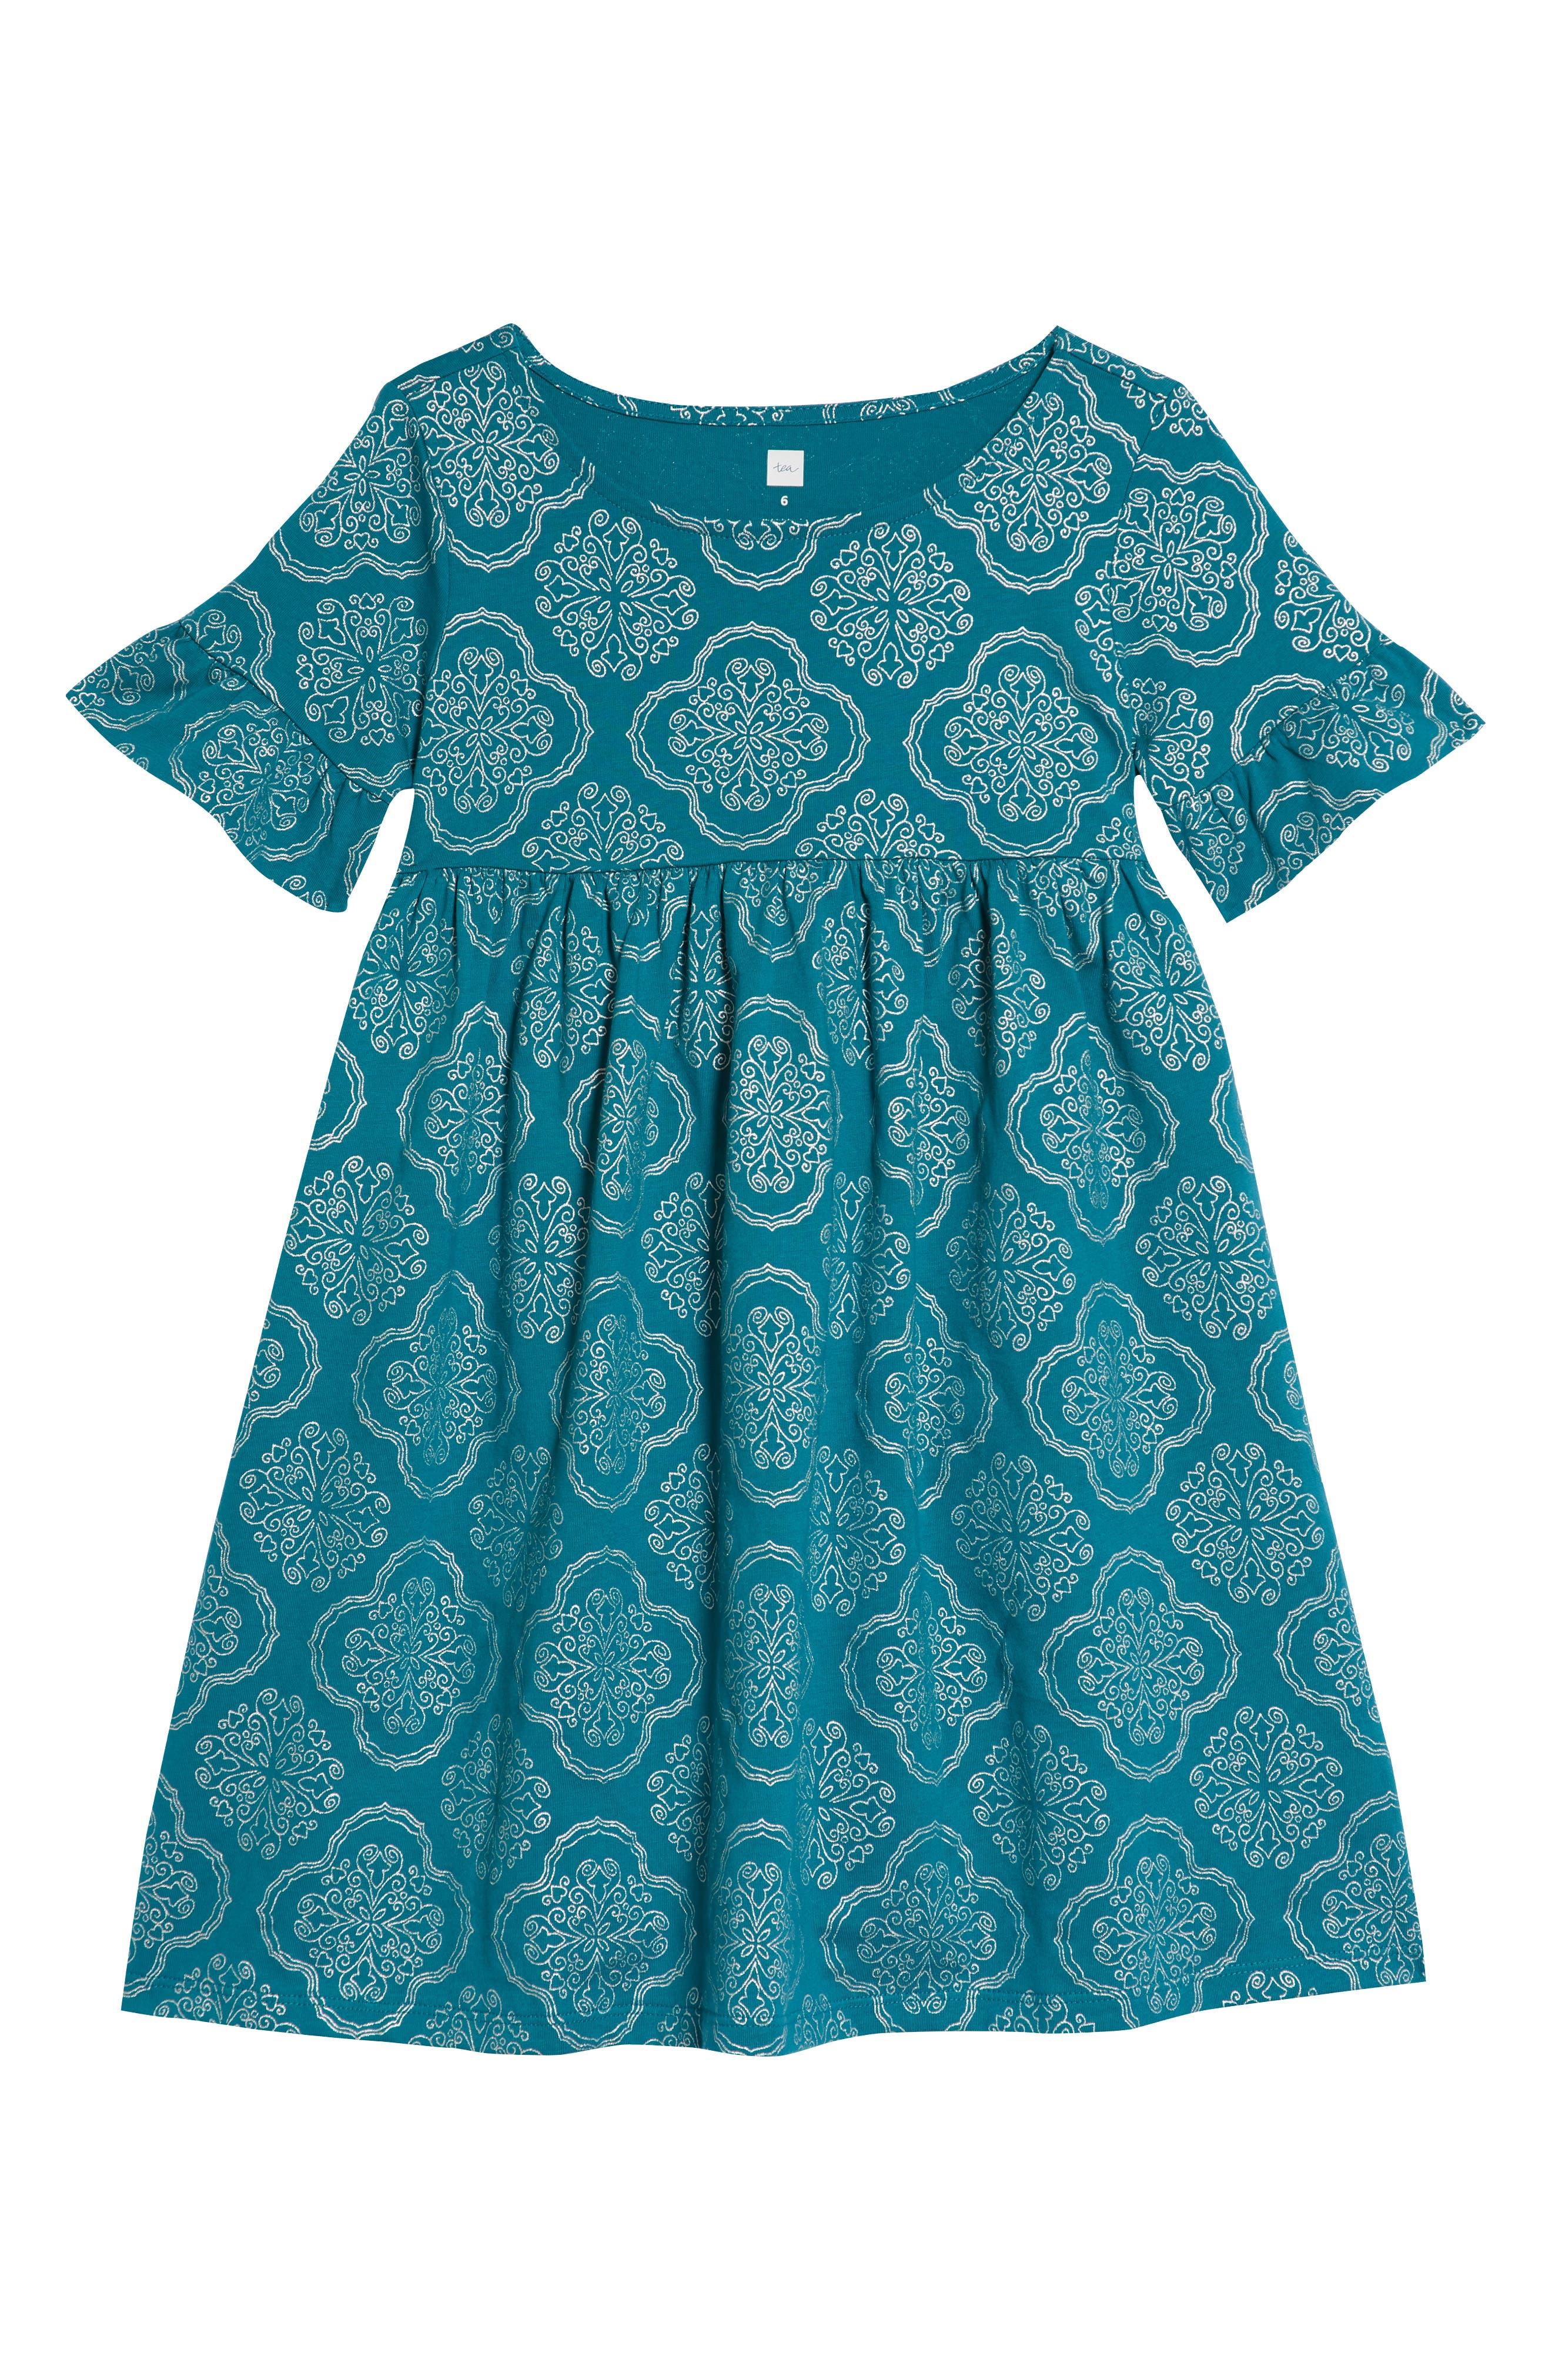 Tea Collection Ruffle Sleeve Dress (Toddler Girls, Little Girls & Big Girls)